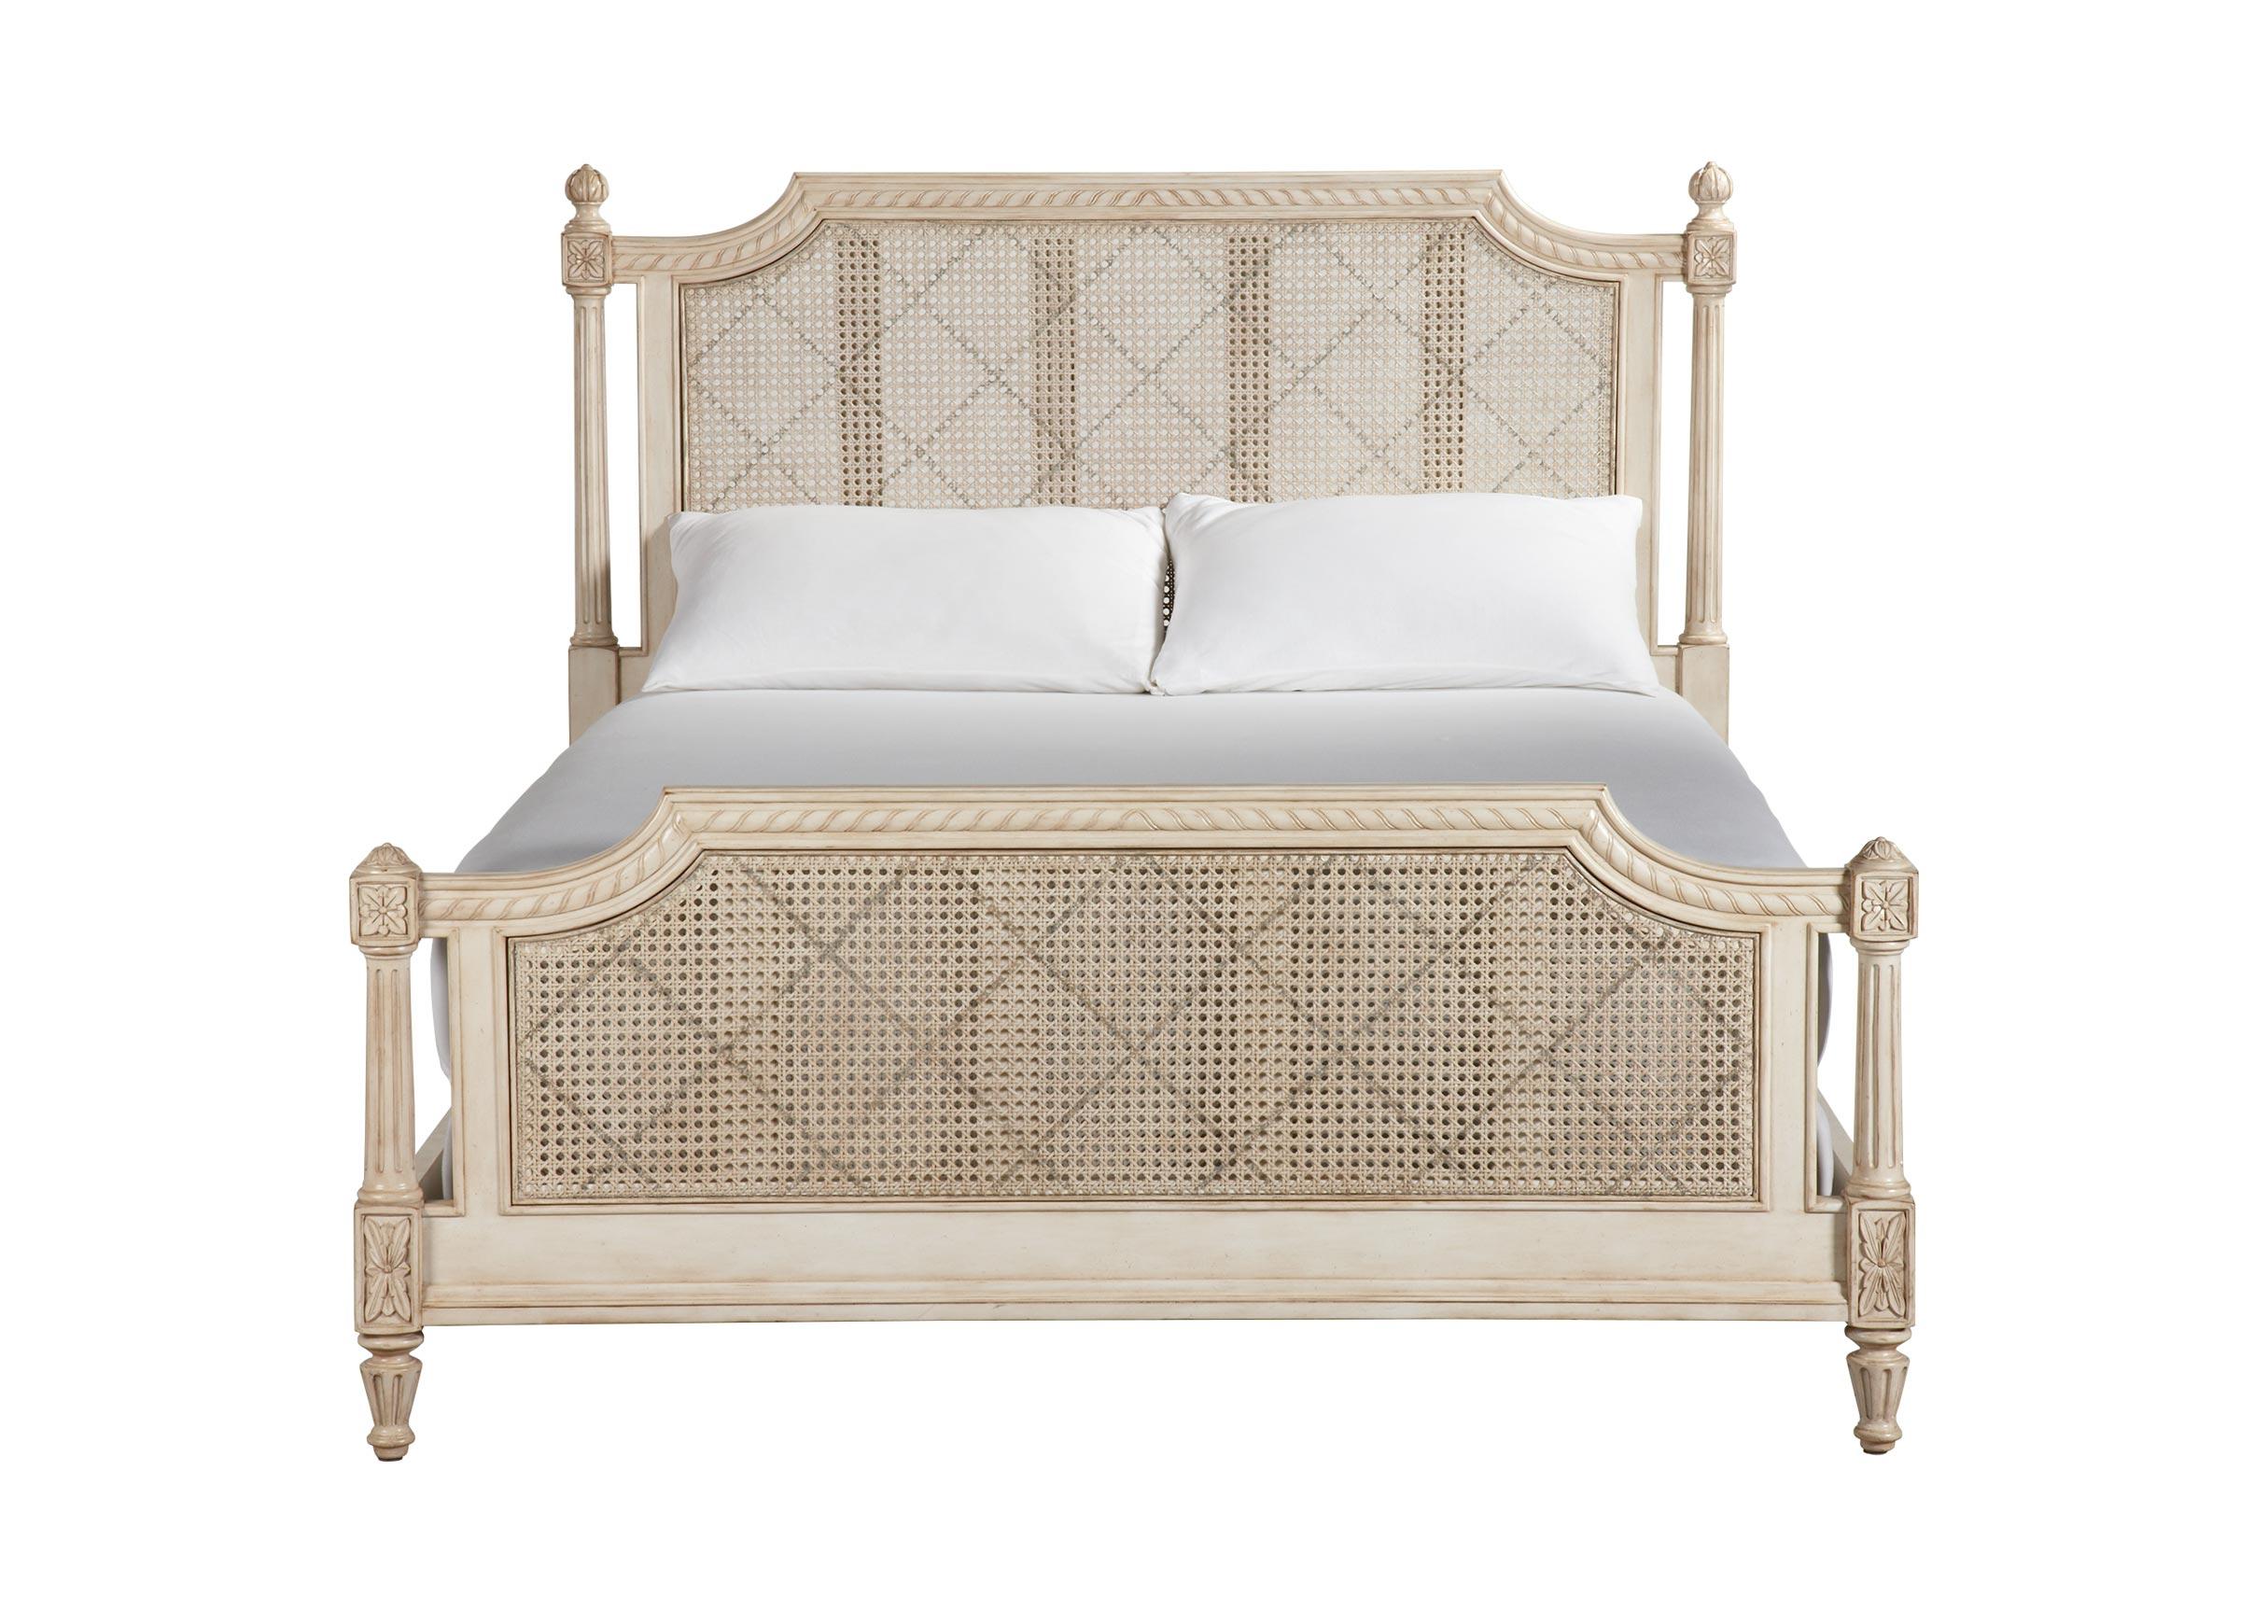 Elise bed vintage linen beds ethan allen for Ethan allen king size beds